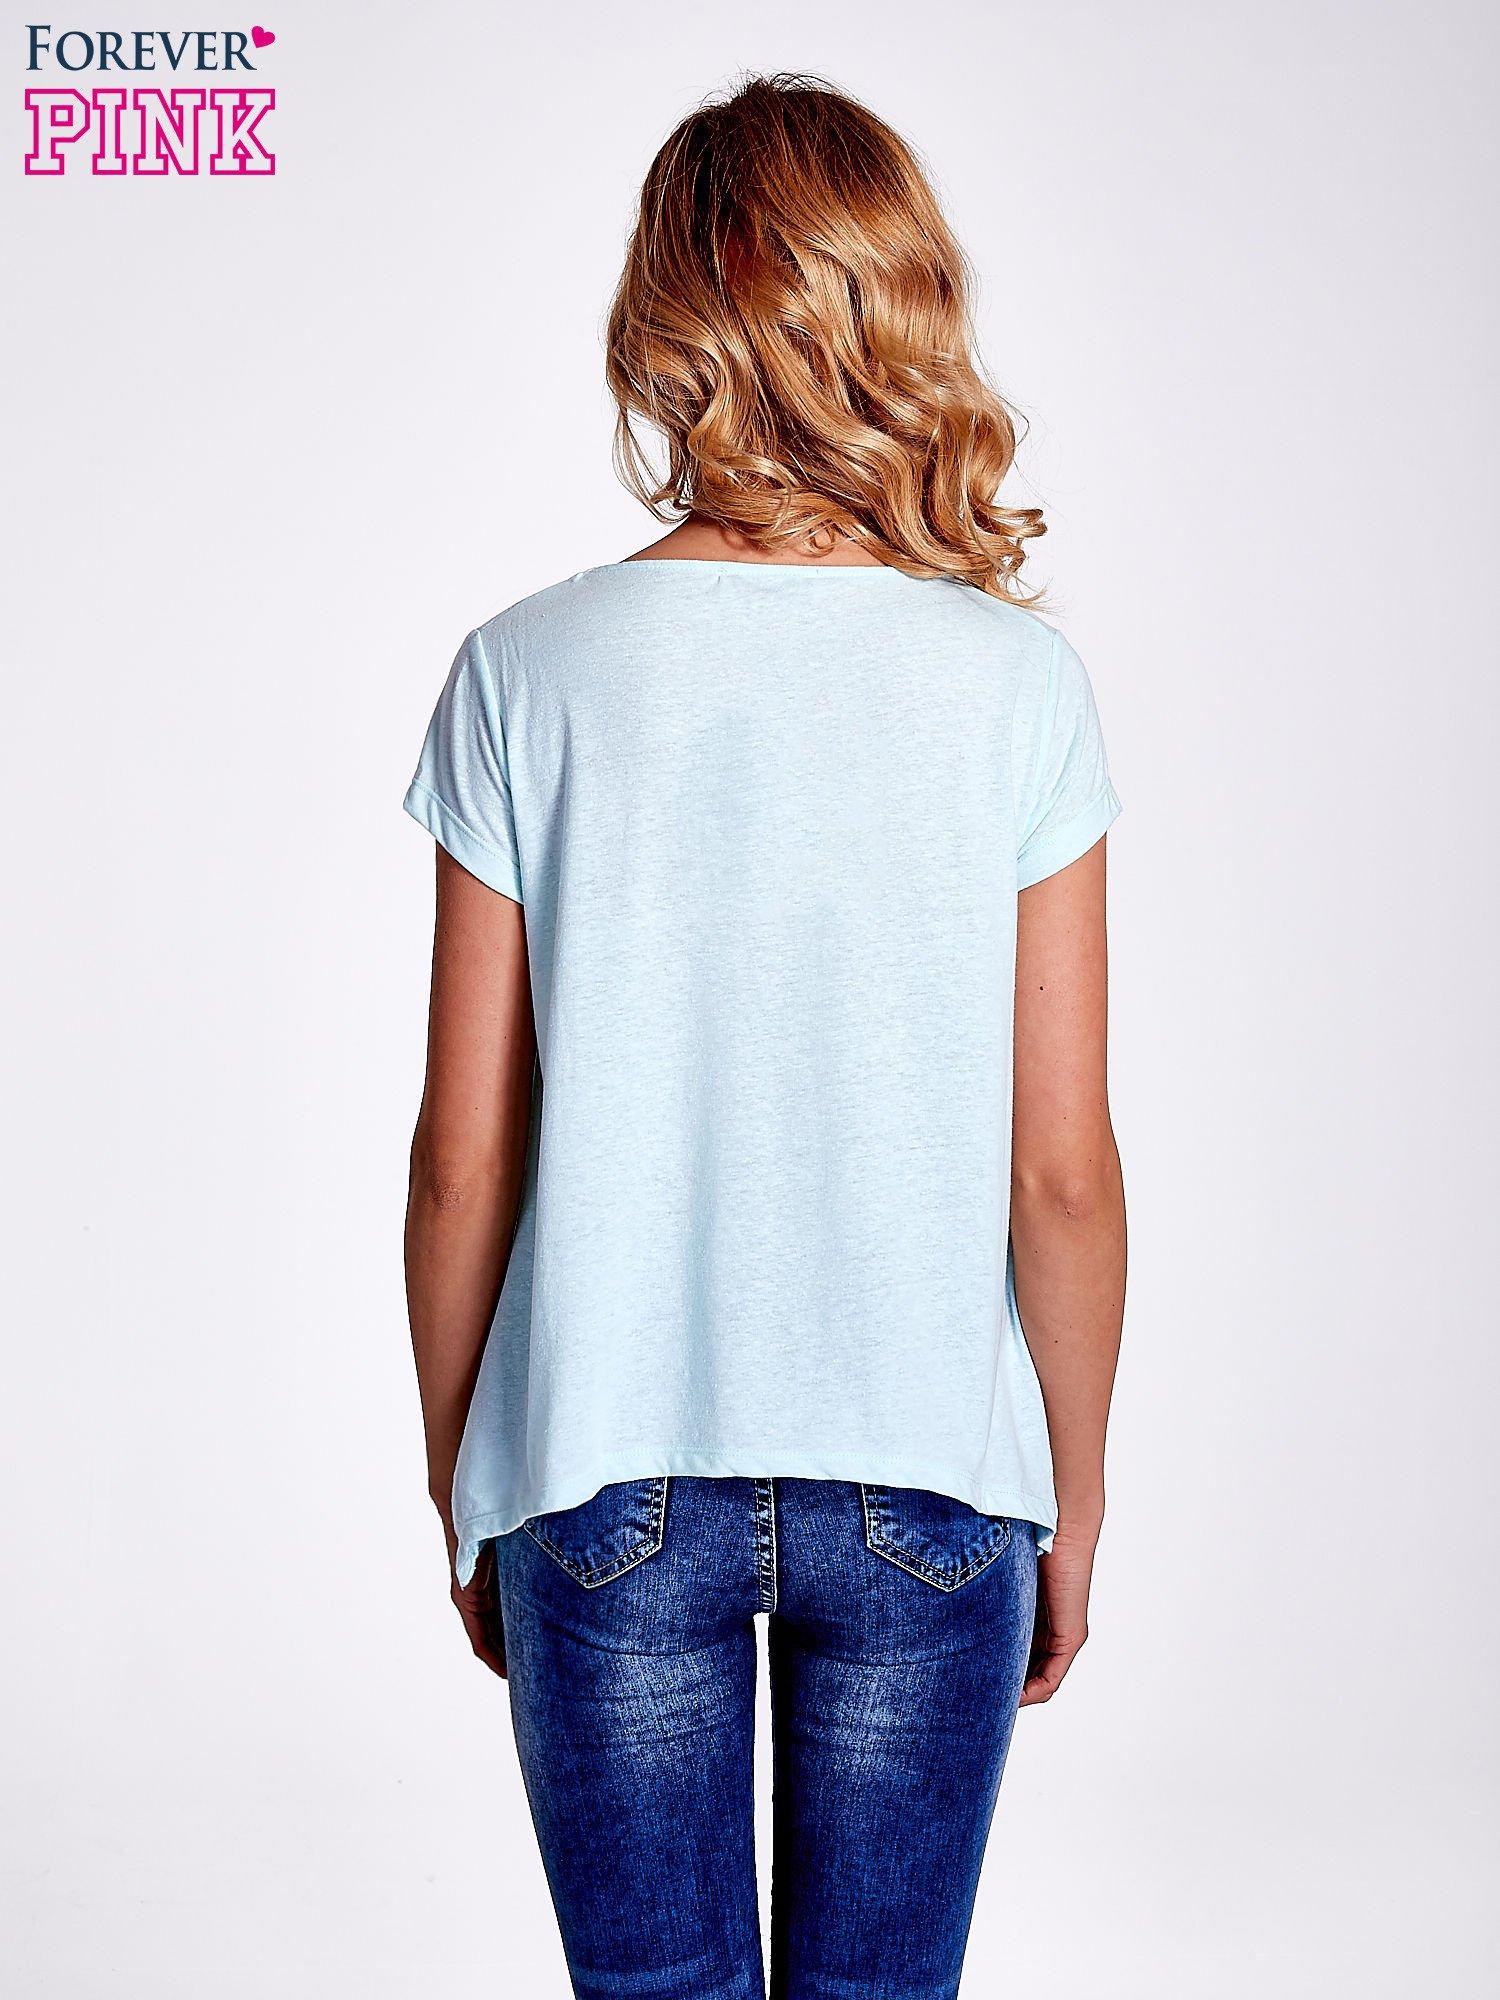 Jasnoturkusowy asymetryczny t-shirt                                  zdj.                                  4